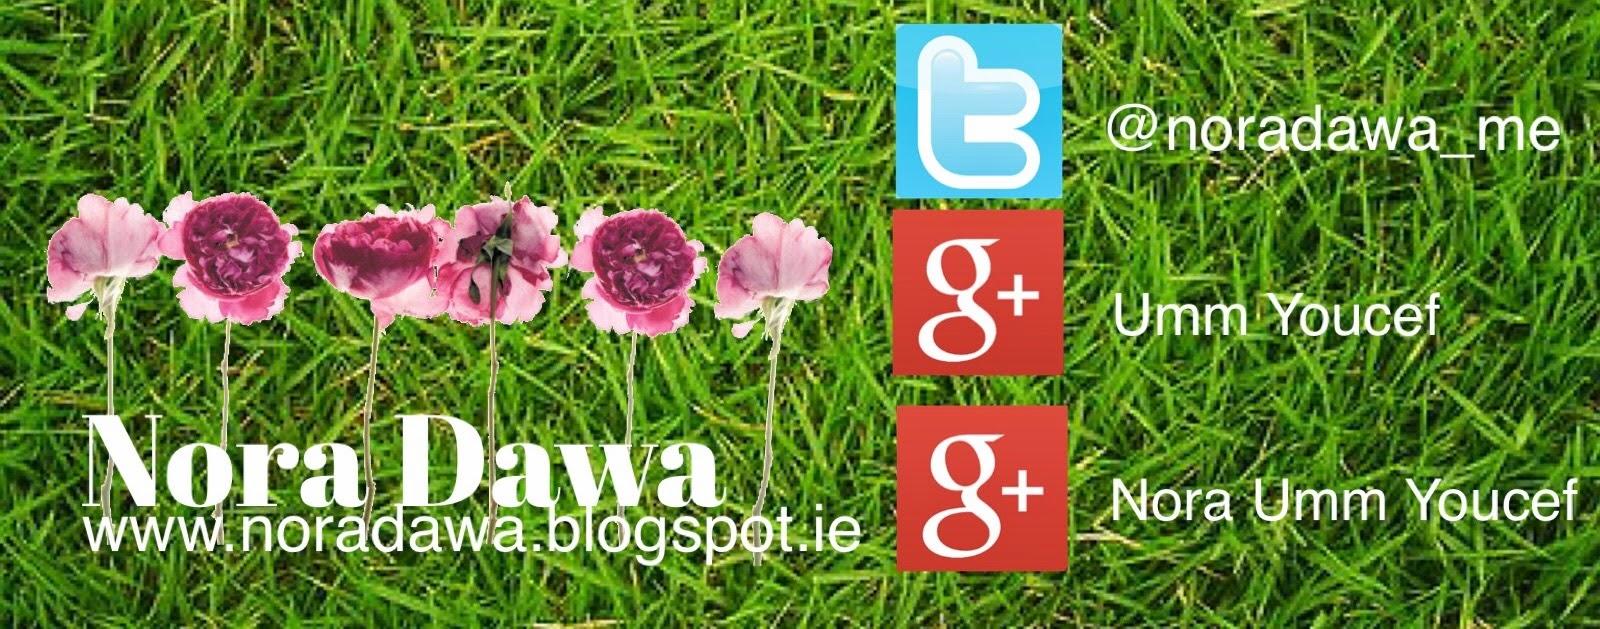 noradawa.blogspot.ie